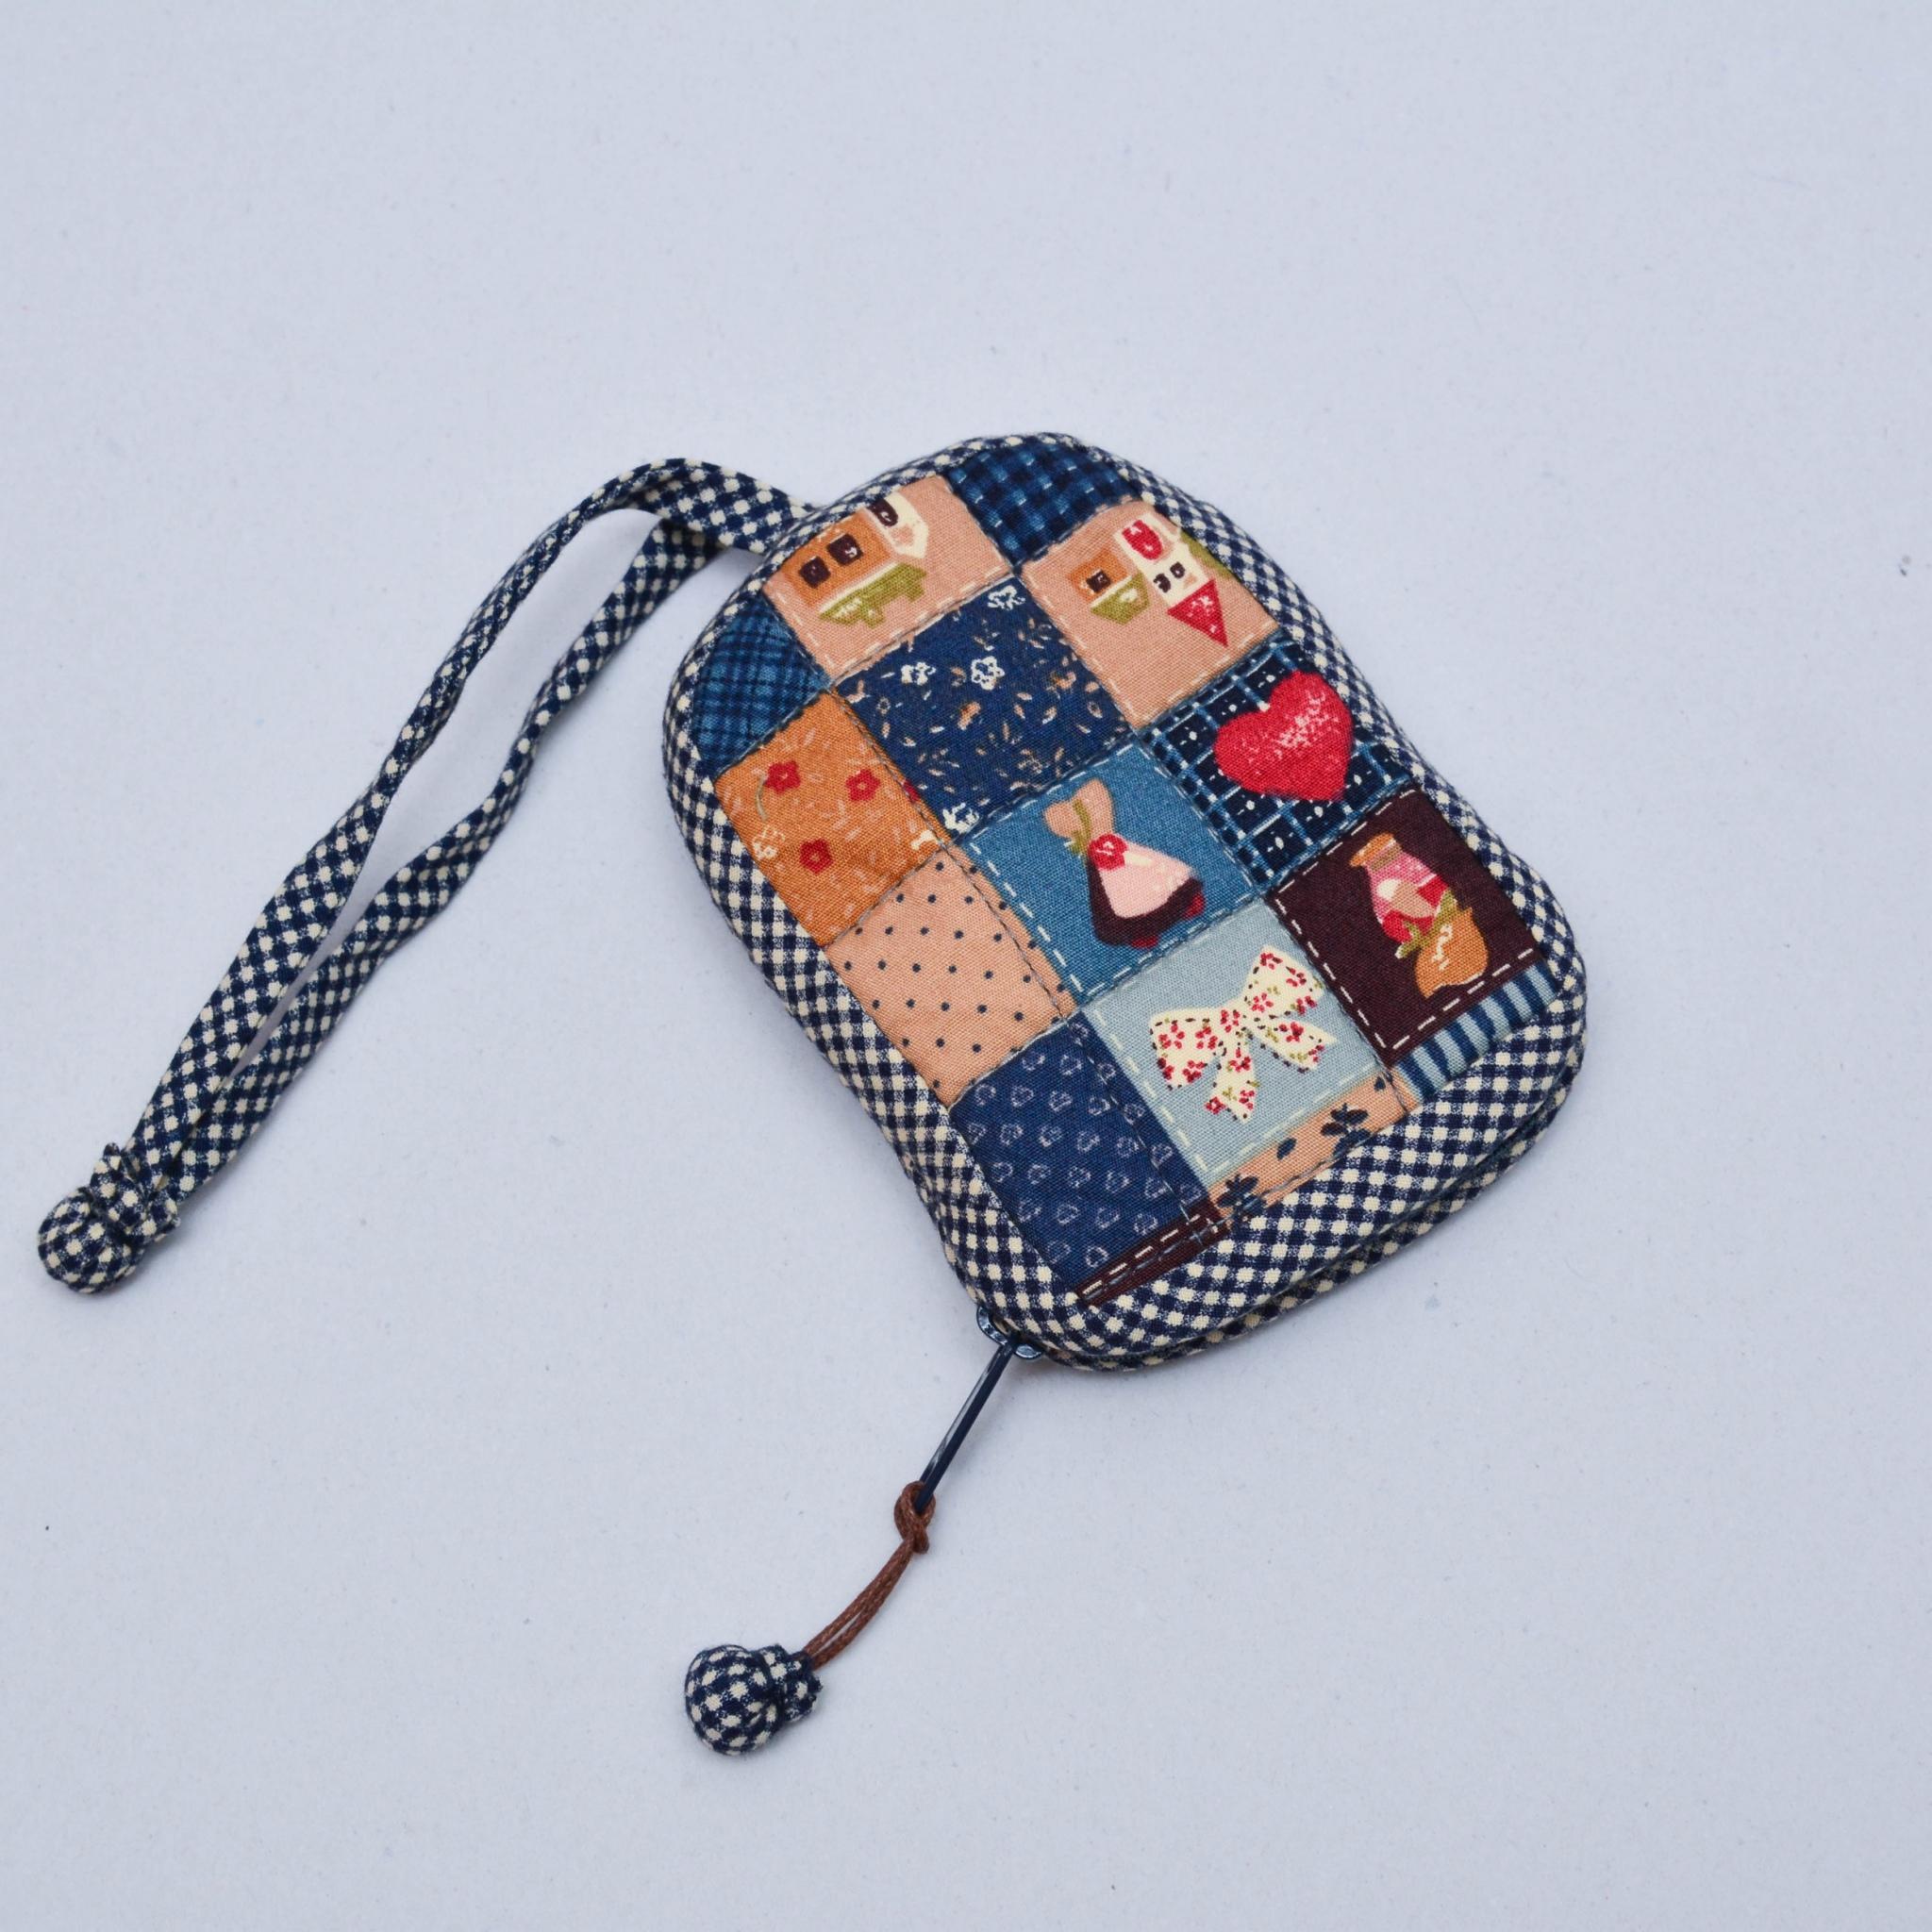 กระเป๋าใส่กุญแจ สีน้ำเงิน No.01